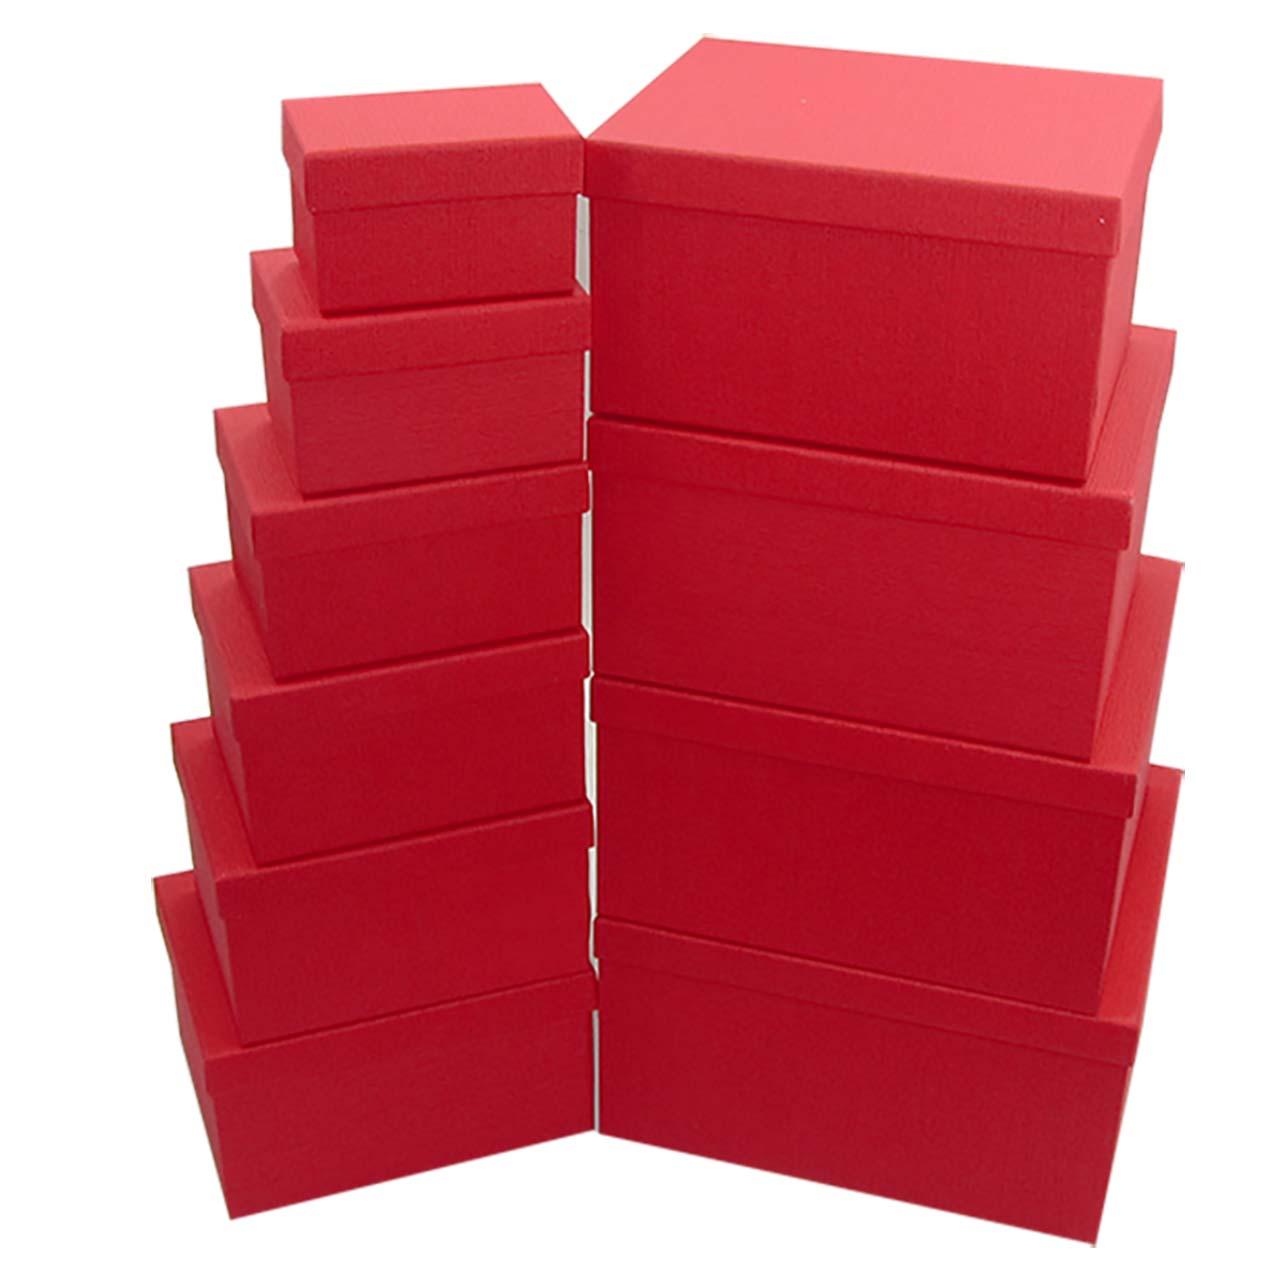 عکس جعبه هدیه مستطیل رزپک مدل607 مجموعه ده عددی